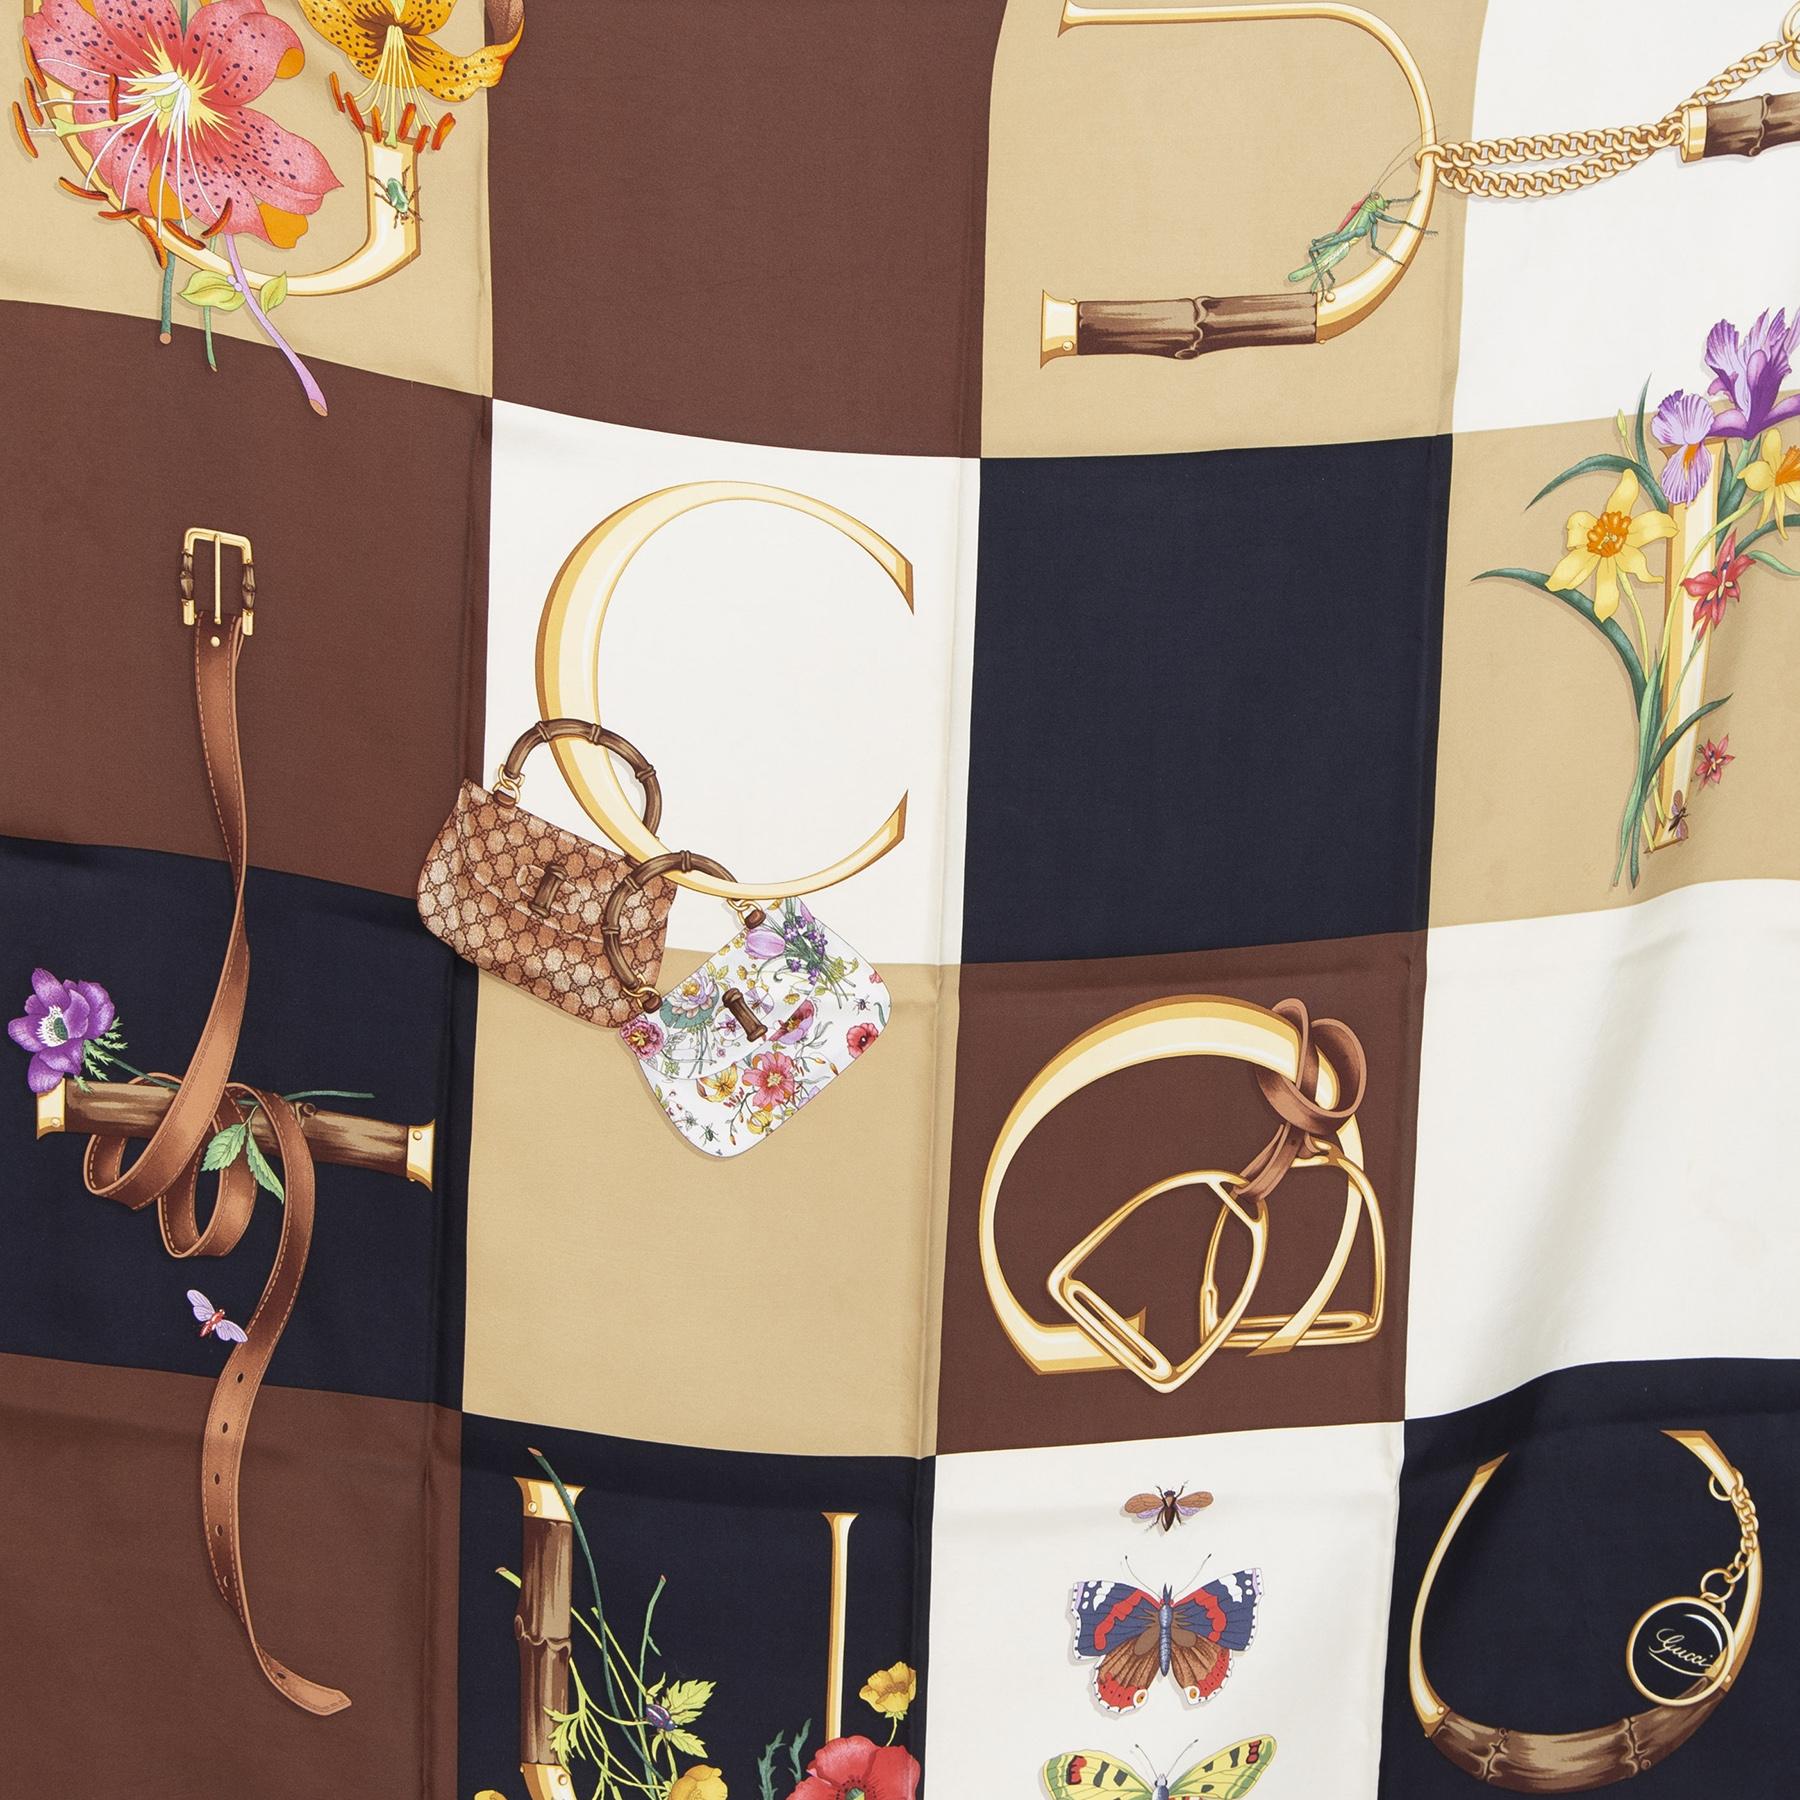 Authentieke Tweedehands Gucci Floral Checker Print Scarf juiste prijs veilig online shoppen luxe merken webshop winkelen Antwerpen België mode fashion